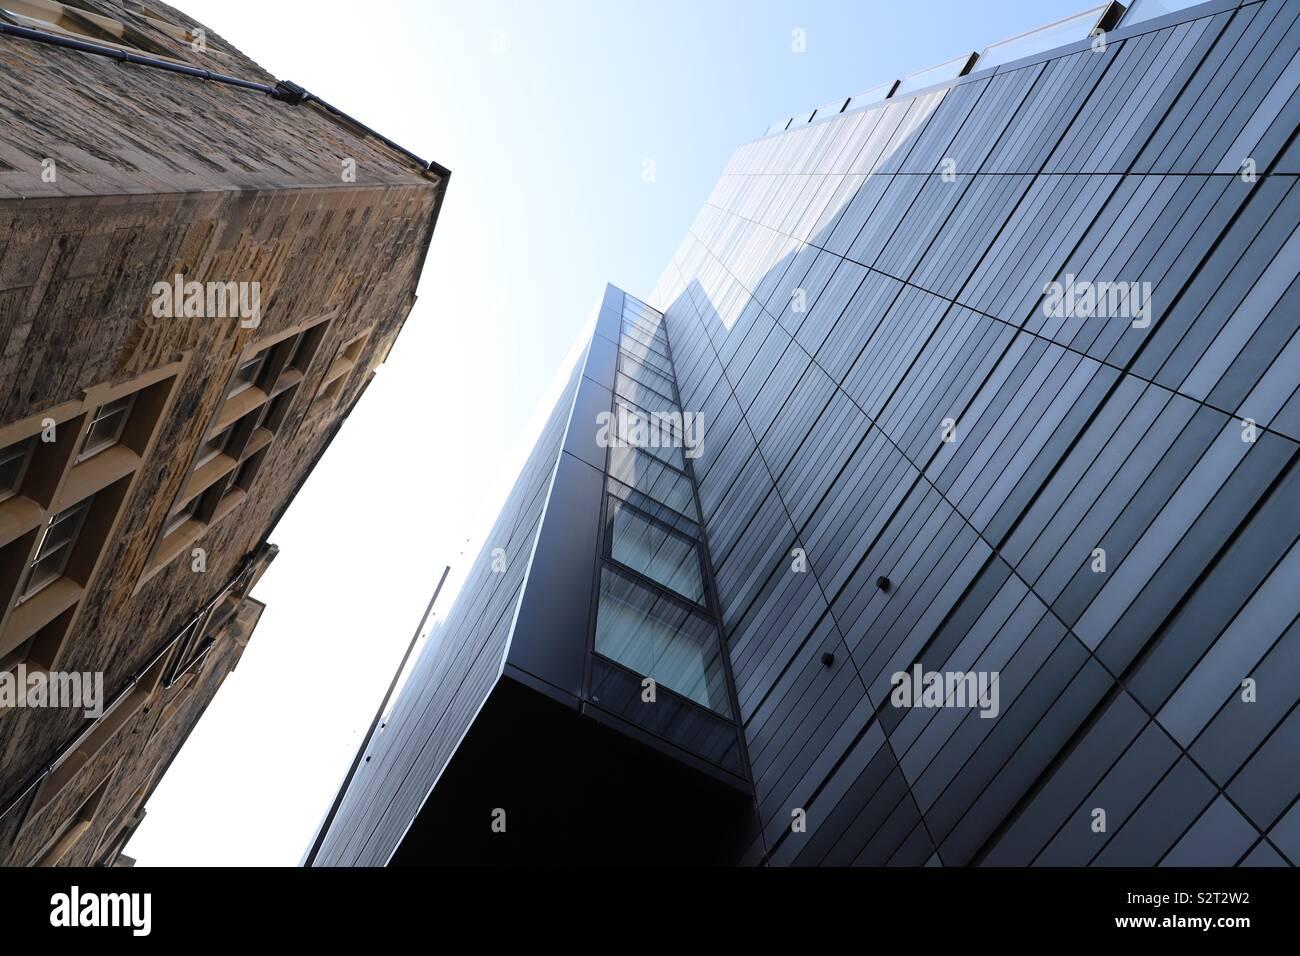 Abstraite de bâtiments modernes et traditionnelles Photo Stock